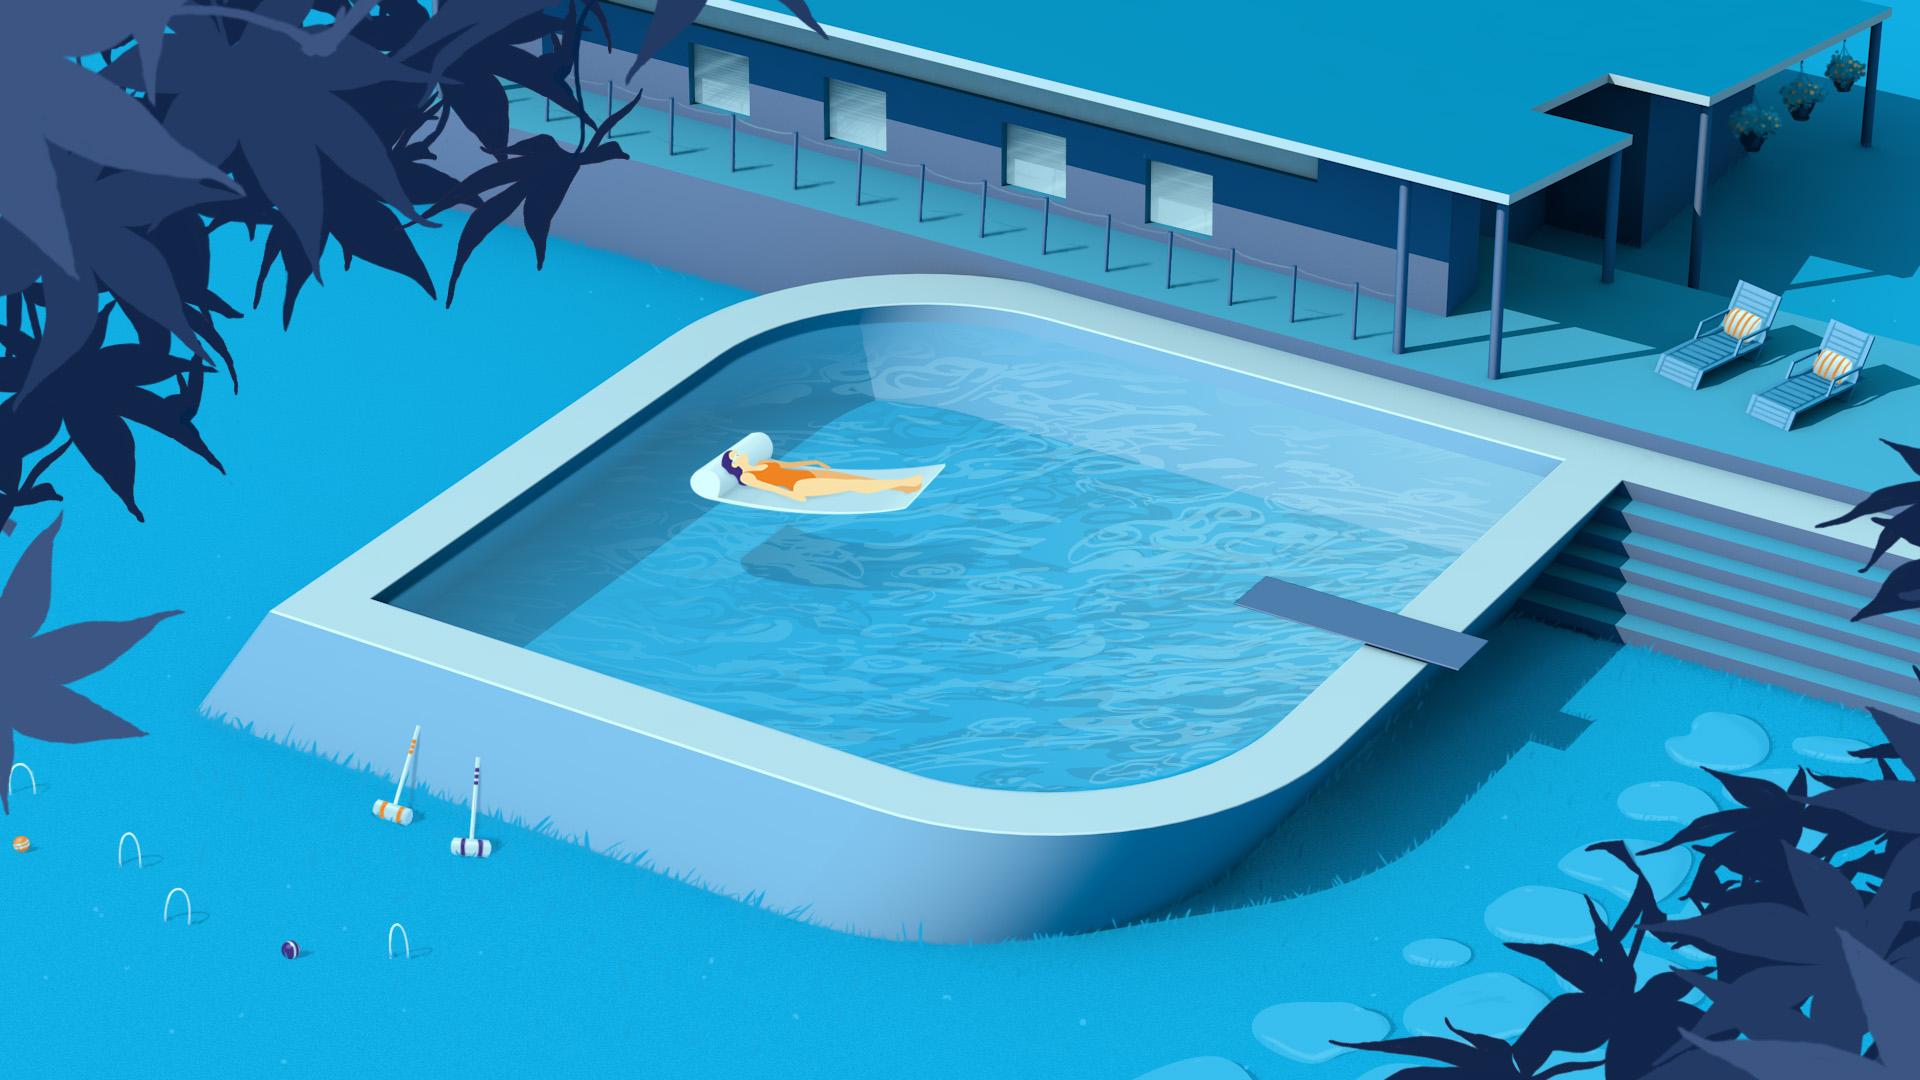 TIAA Pool